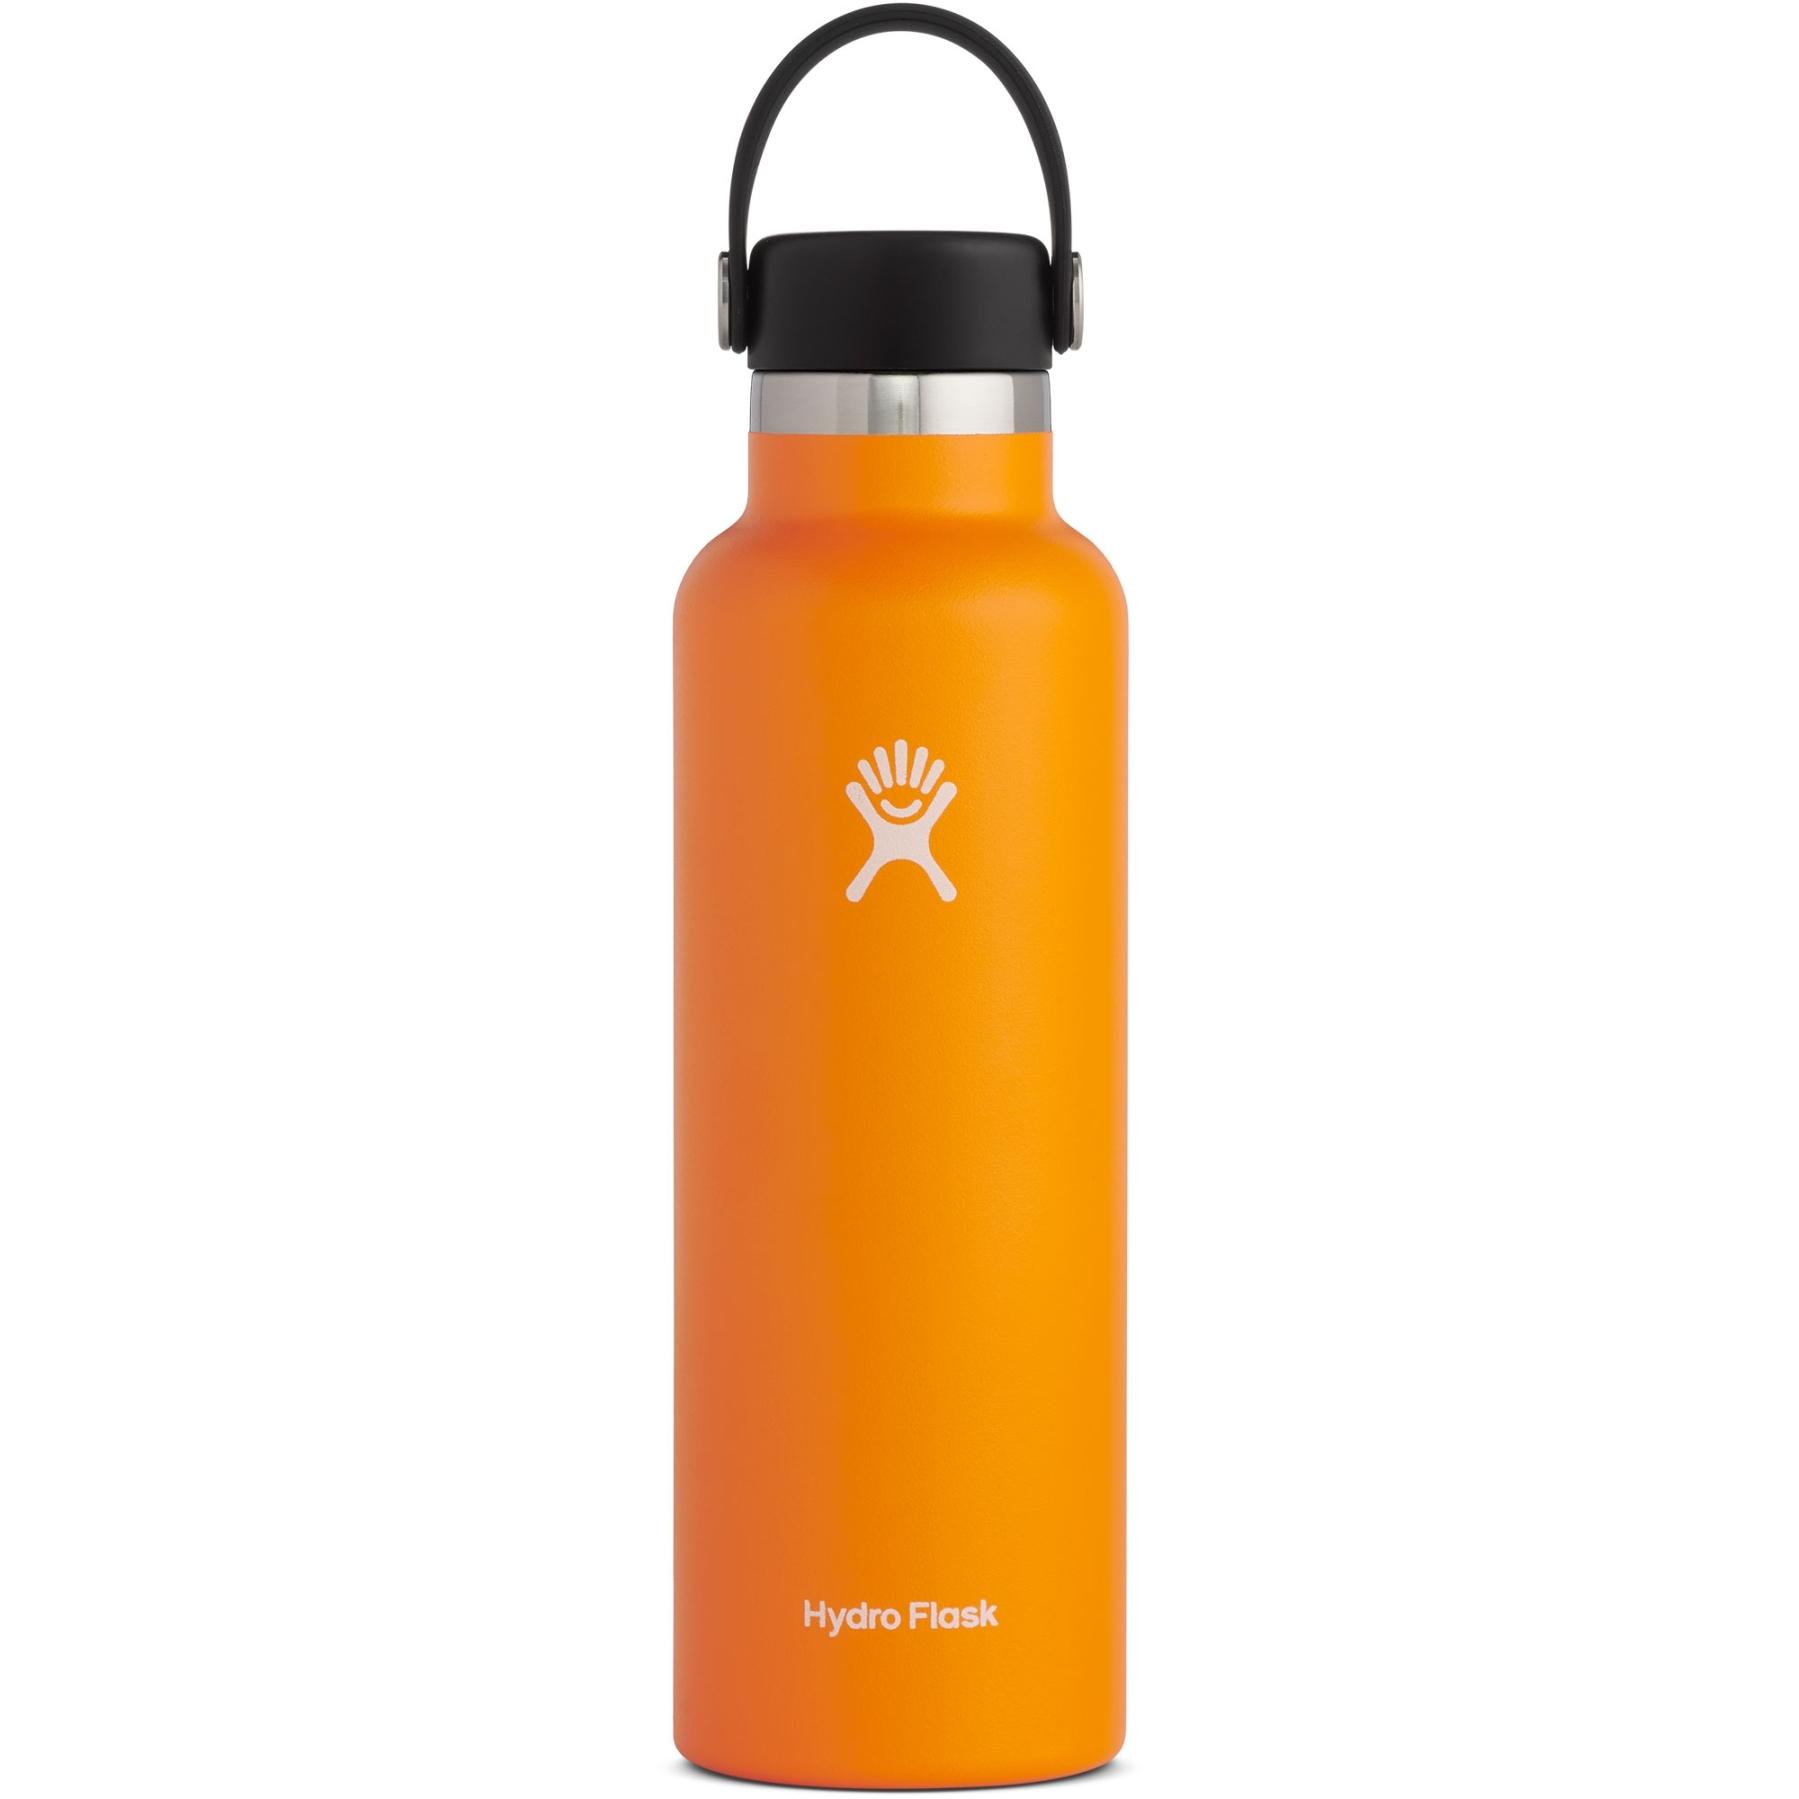 Produktbild von Hydro Flask 21 oz Standard Mouth Flex Cap Thermoflasche 621ml - Clementine